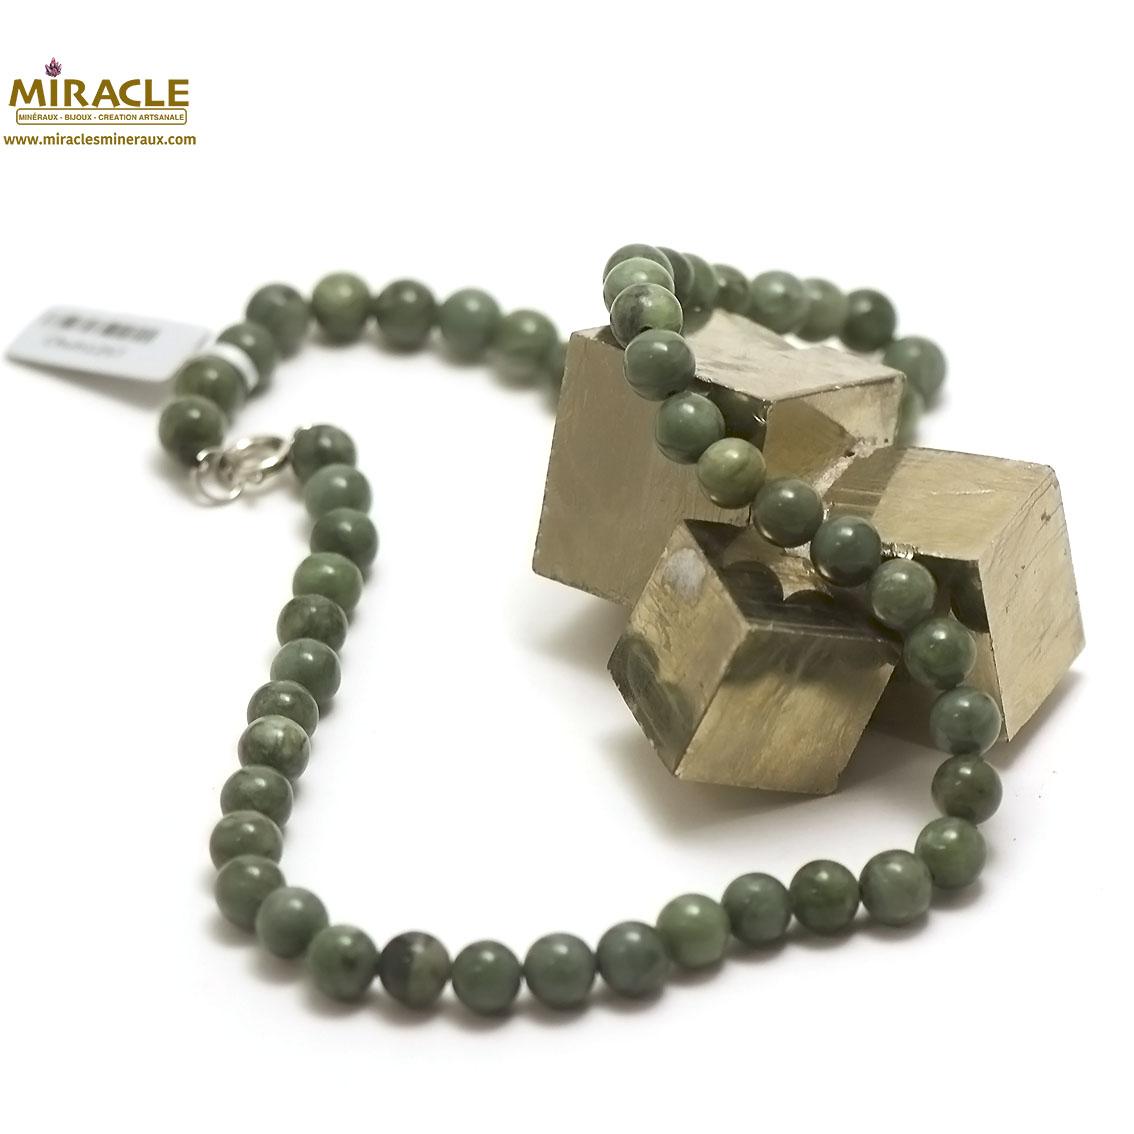 Collier en jade néphrite de canada , perle ronde 8 mm